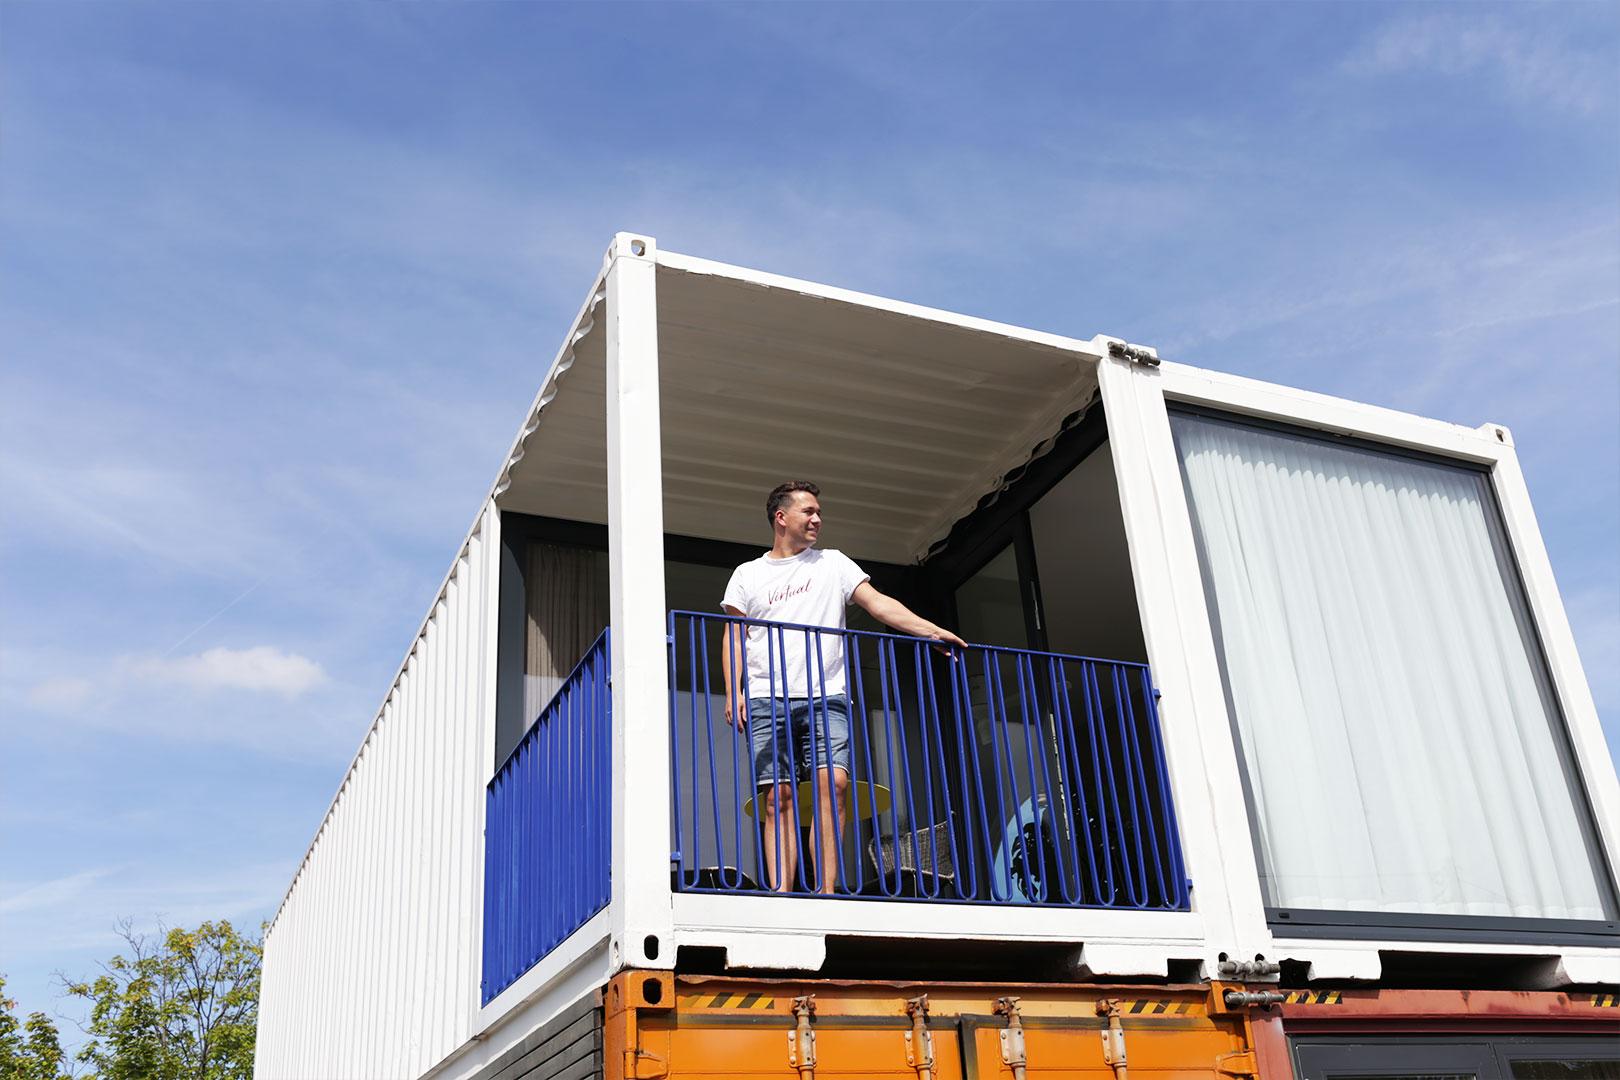 Maximaler Komfort auf kleinem Raum: Wir verbringen einen Tag und eine Nacht mit Magazin im Containerwerk